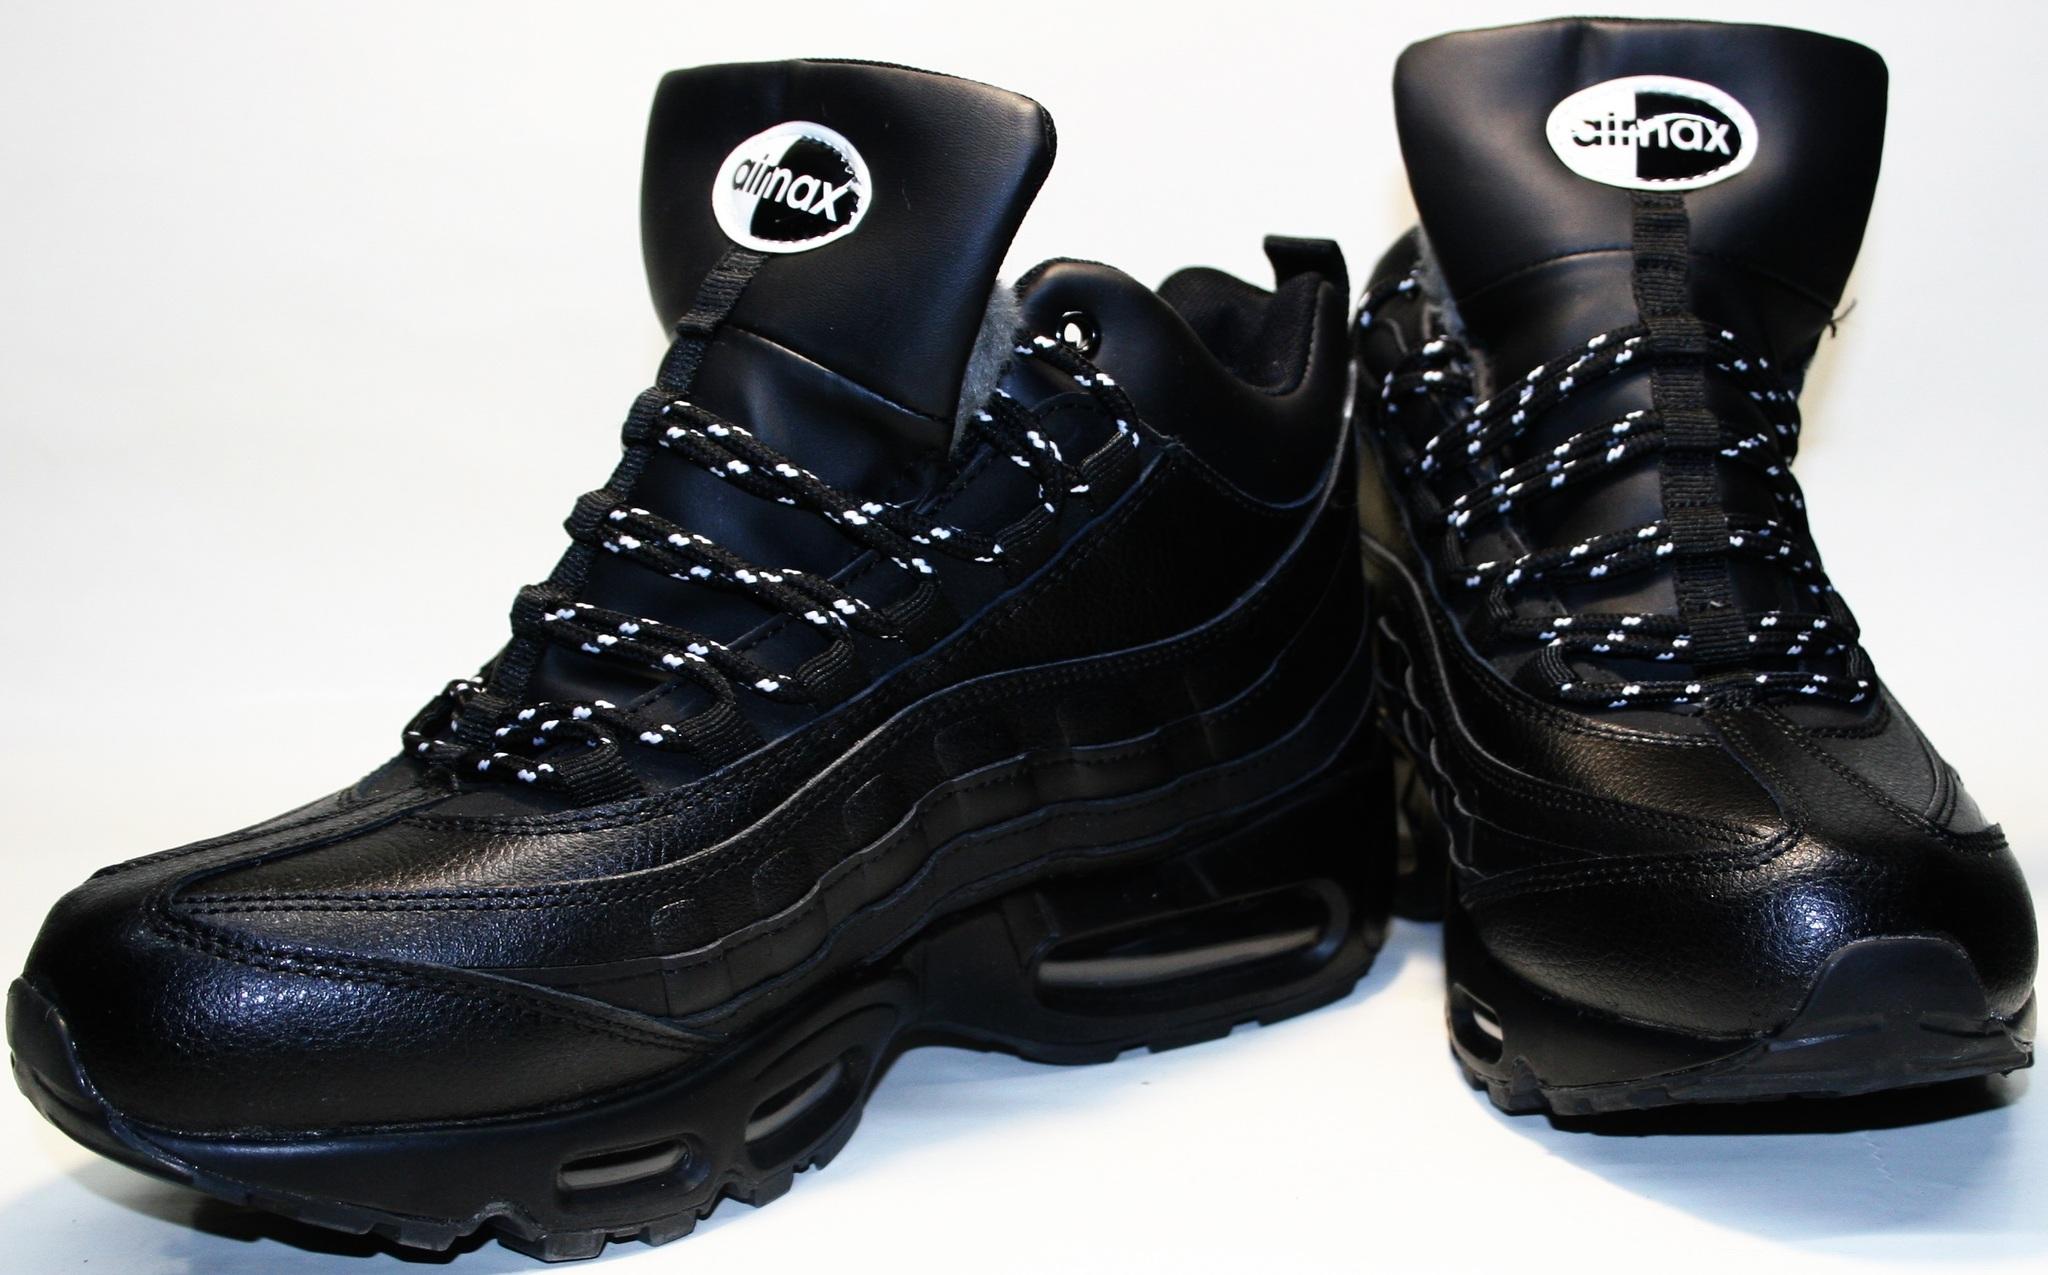 2d718e3e7 Кроссовки зимние мужские Nike Air Max 95 All Black с мехом от 2tufli ...